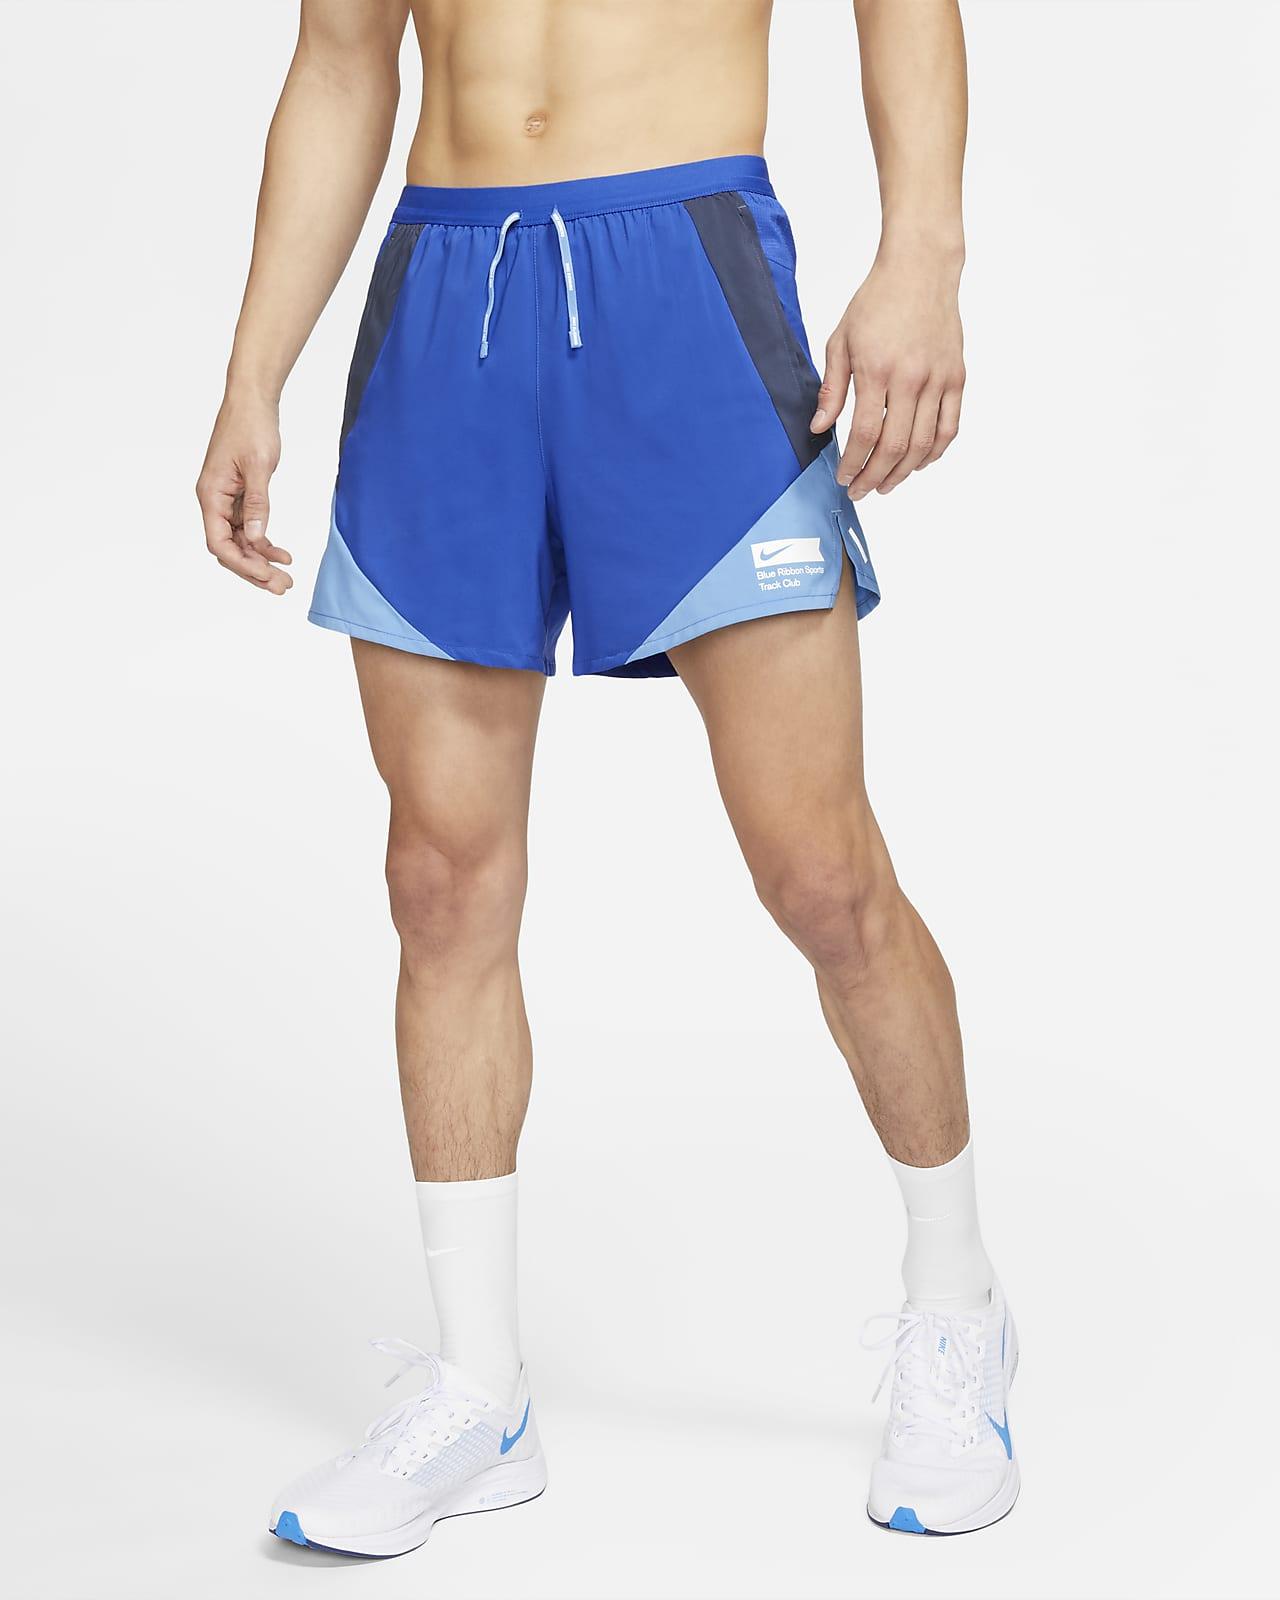 กางเกงวิ่งขาสั้นมีซับในผู้ชาย Nike Flex Stride BRS